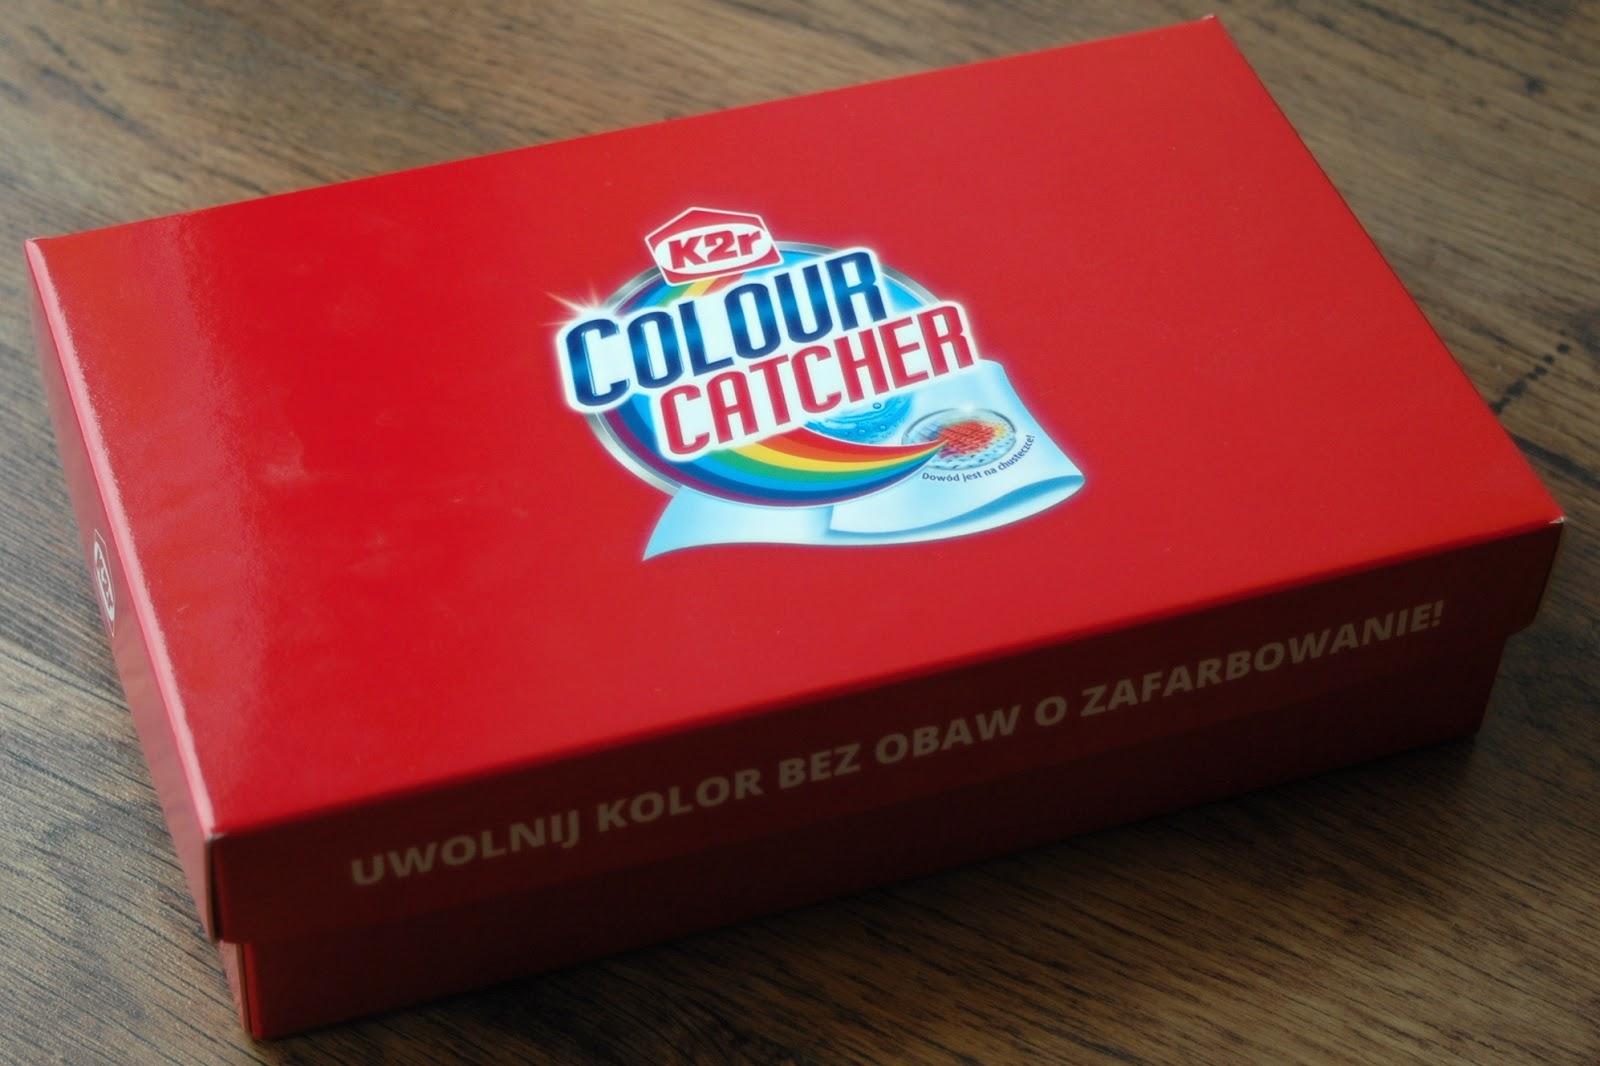 COLOUR CATCHER K2r - chusteczki, które mają moc łapać kolor w dzień i noc.